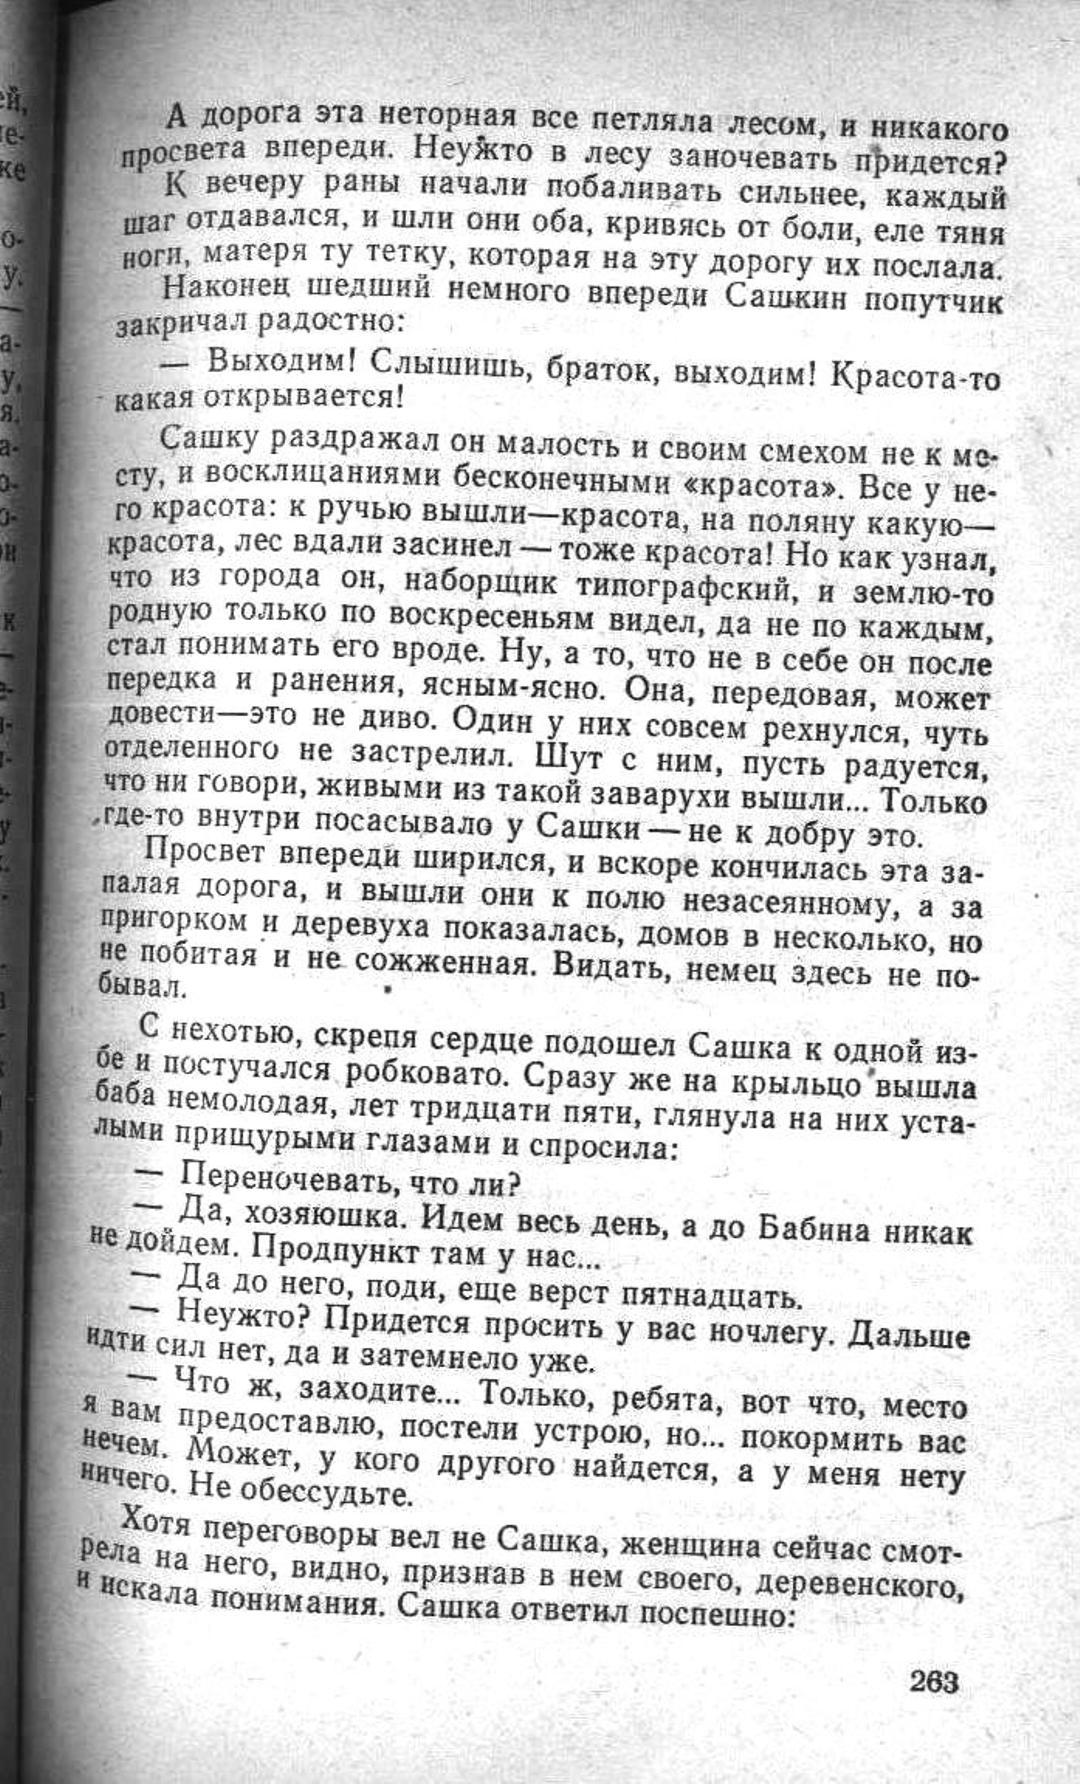 Сашка. Повесть. Вячеслав Кондратьев. 013. 002